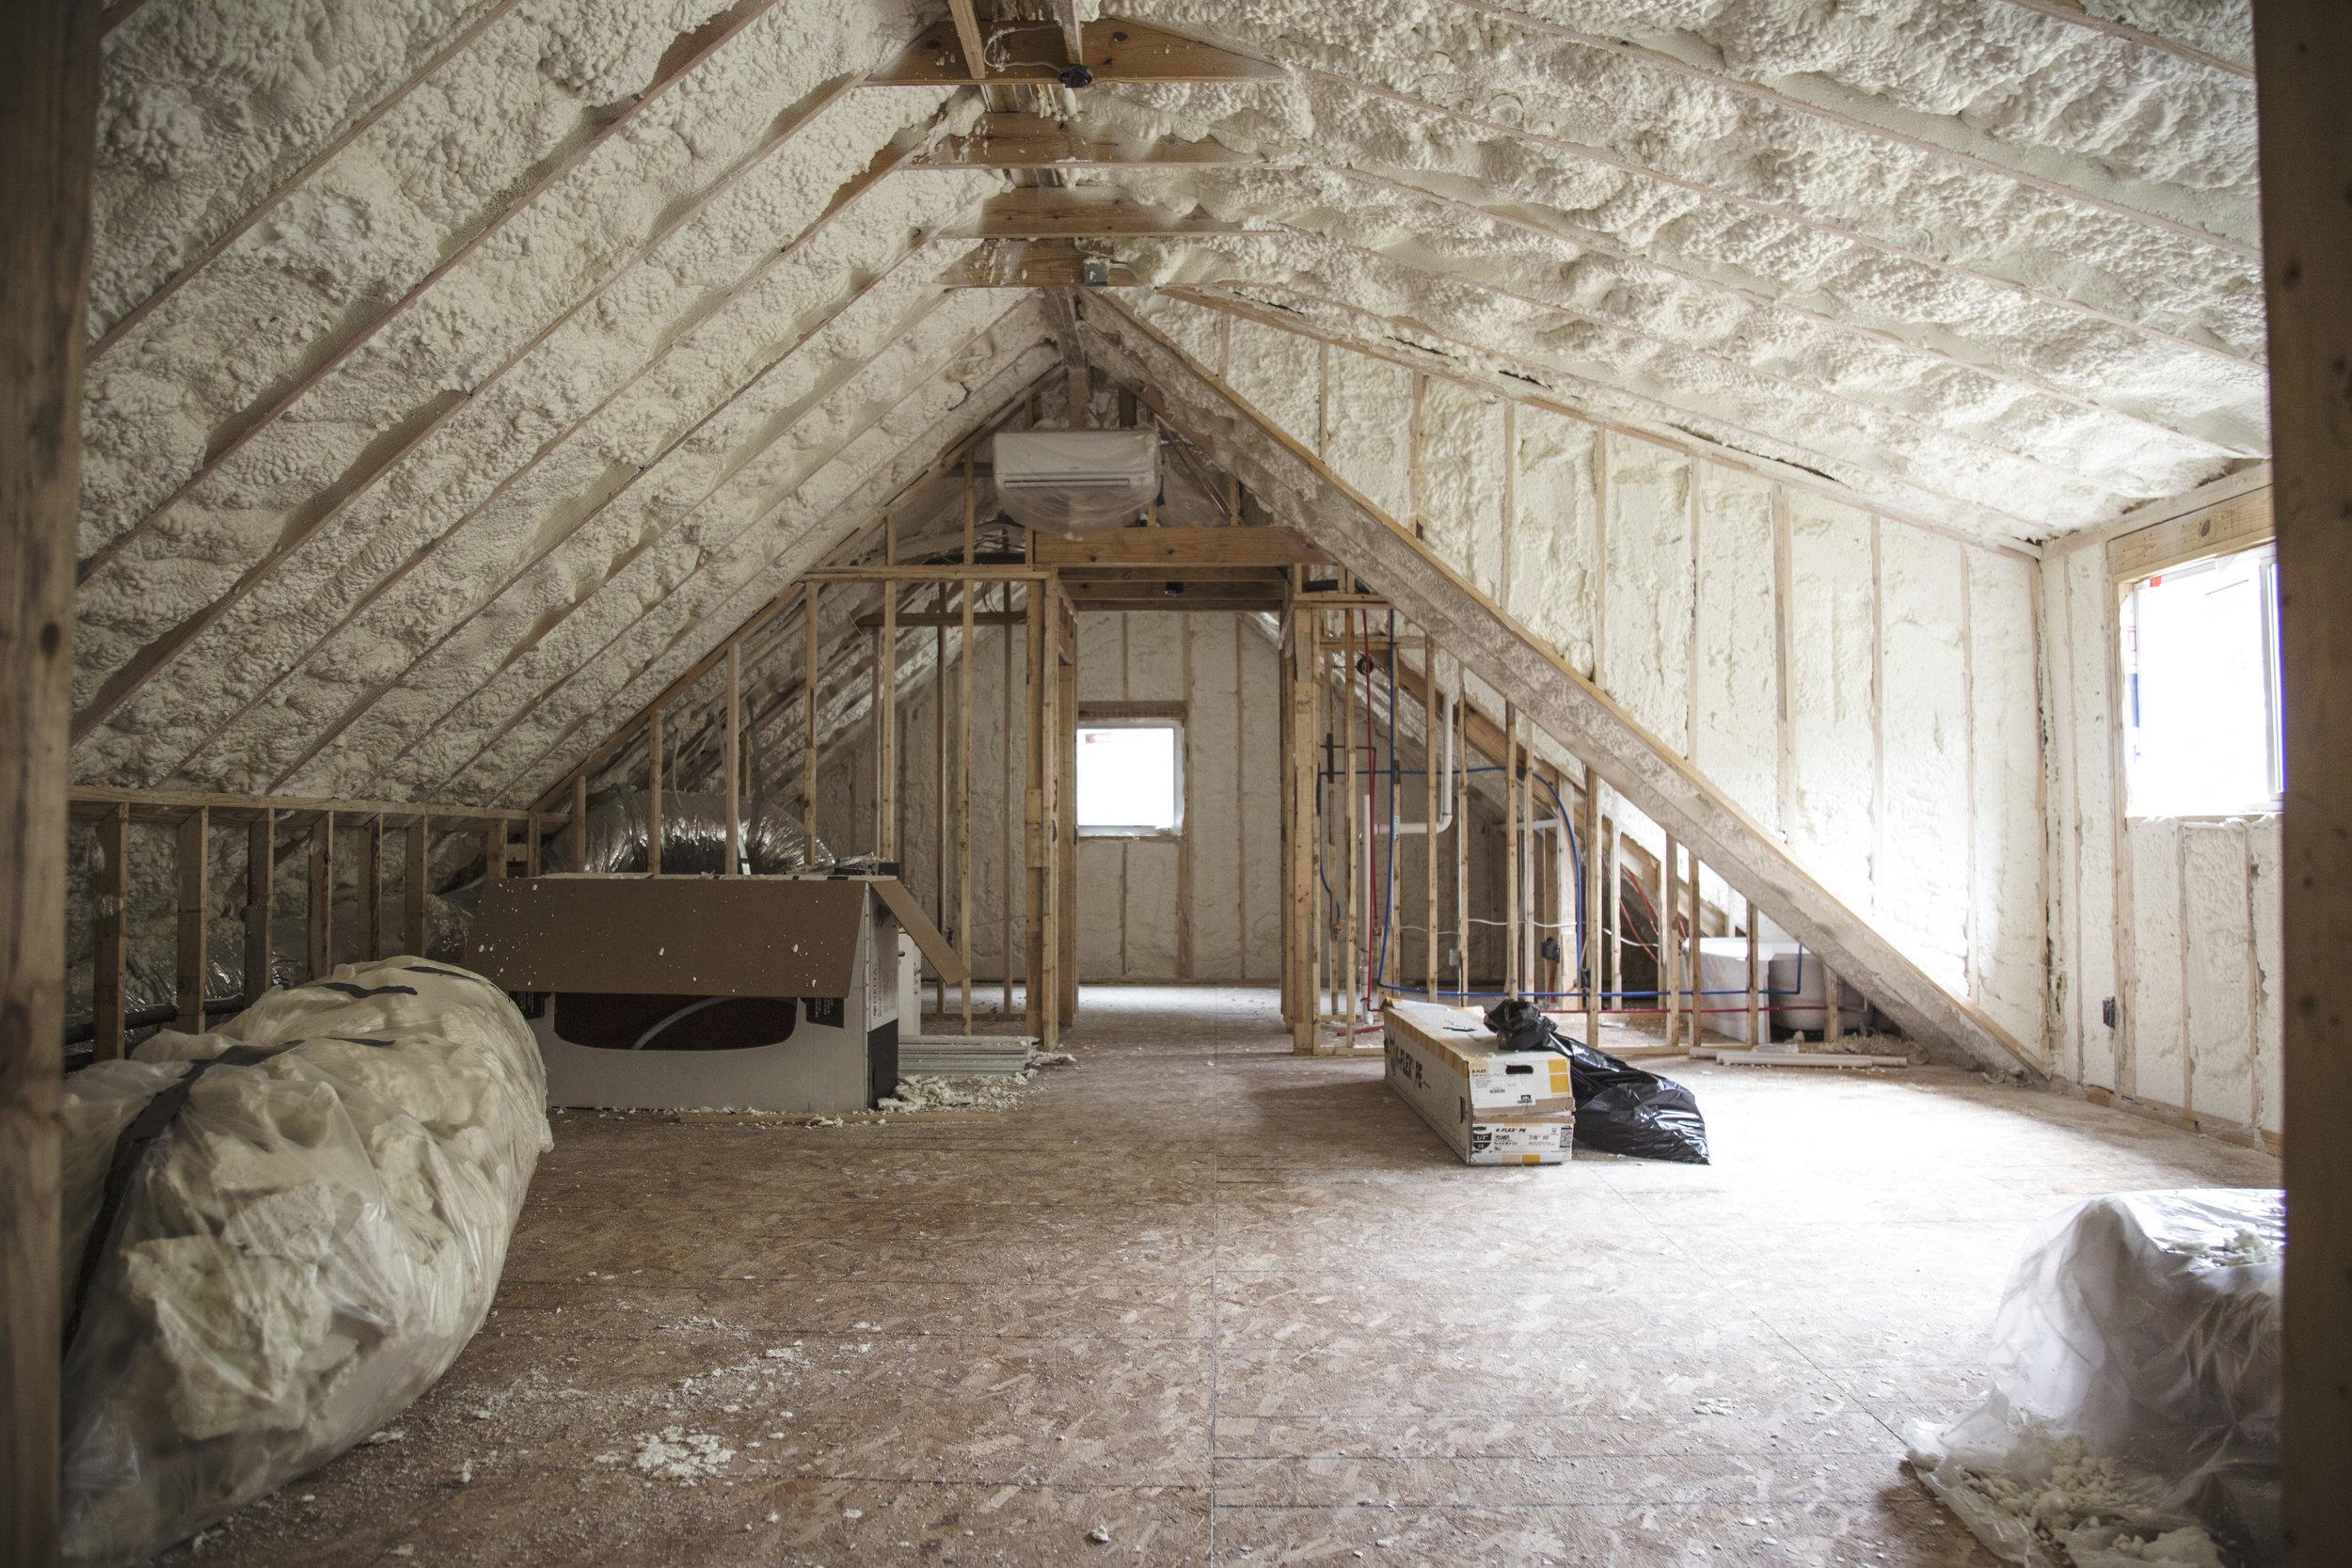 Matt + Alyssa's loft renovation